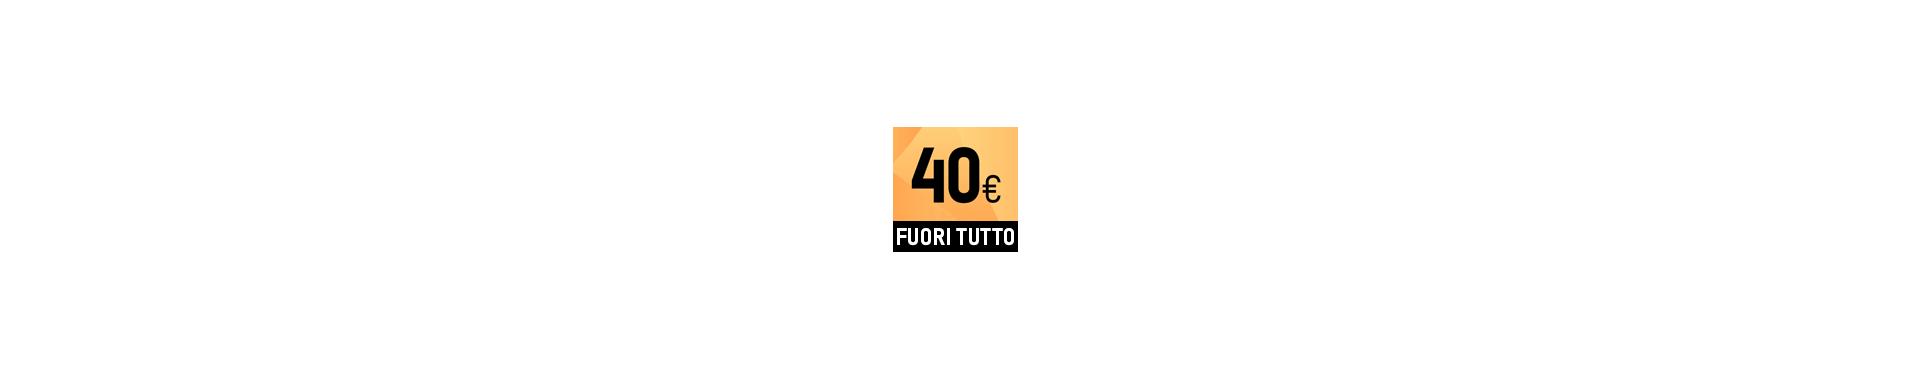 Fuori tutto Guanti da moto a 40 euro